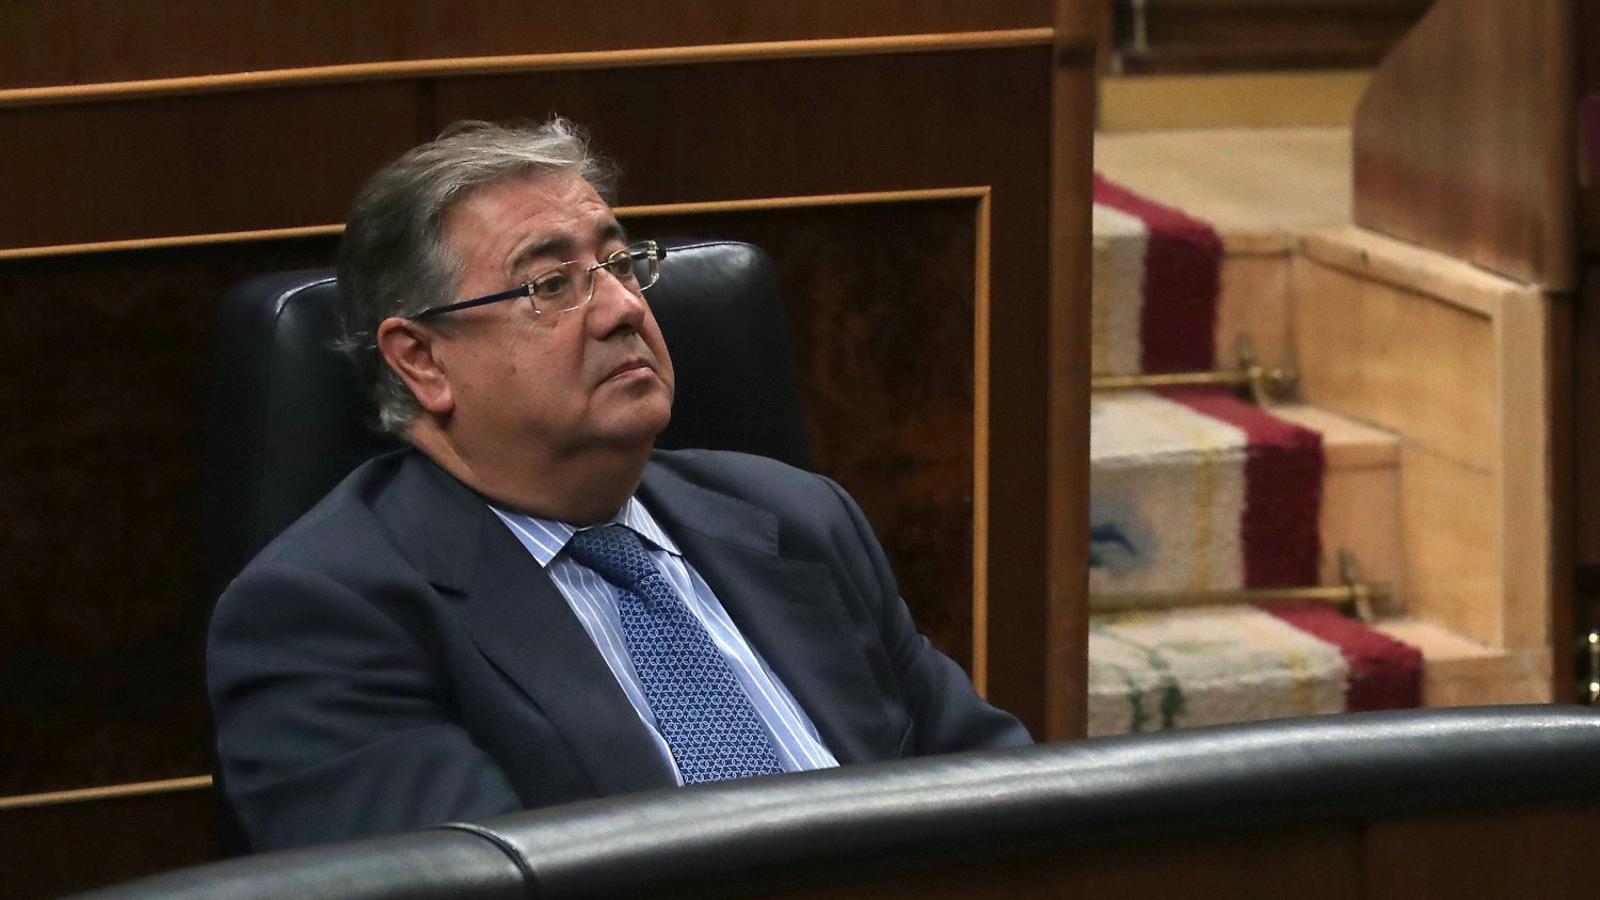 El ministre de l'Interior, Juan Ignacio Zoido, al seu escó del Congrés.